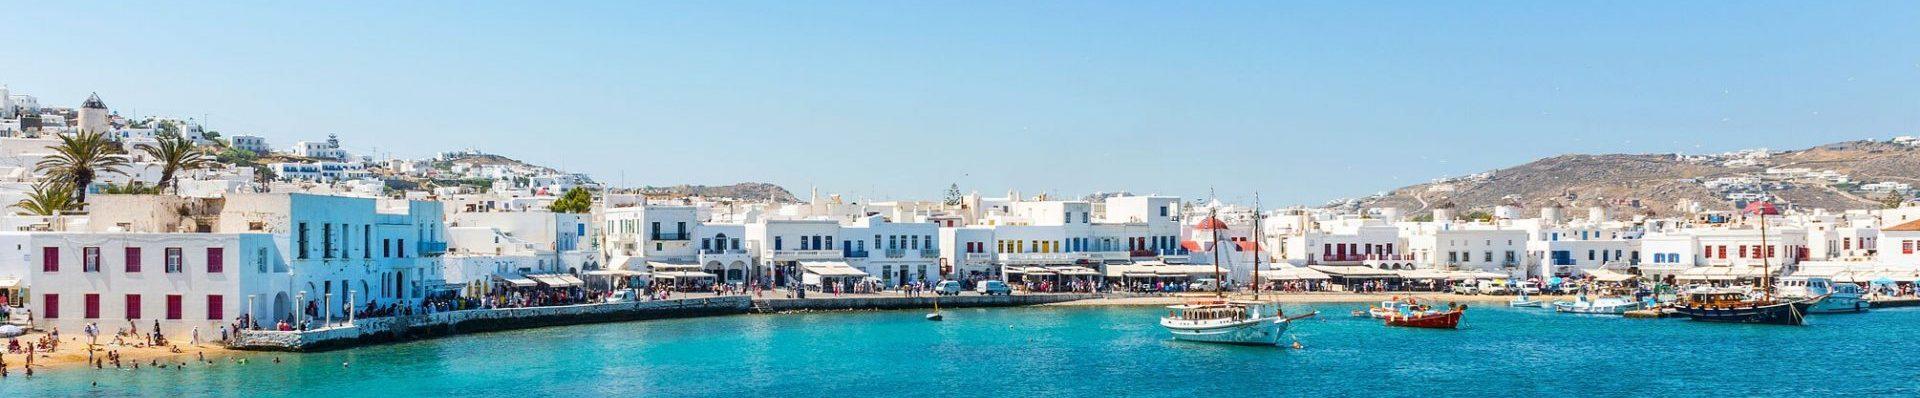 Định cư thị thực vàng Hy Lạp - AT Express